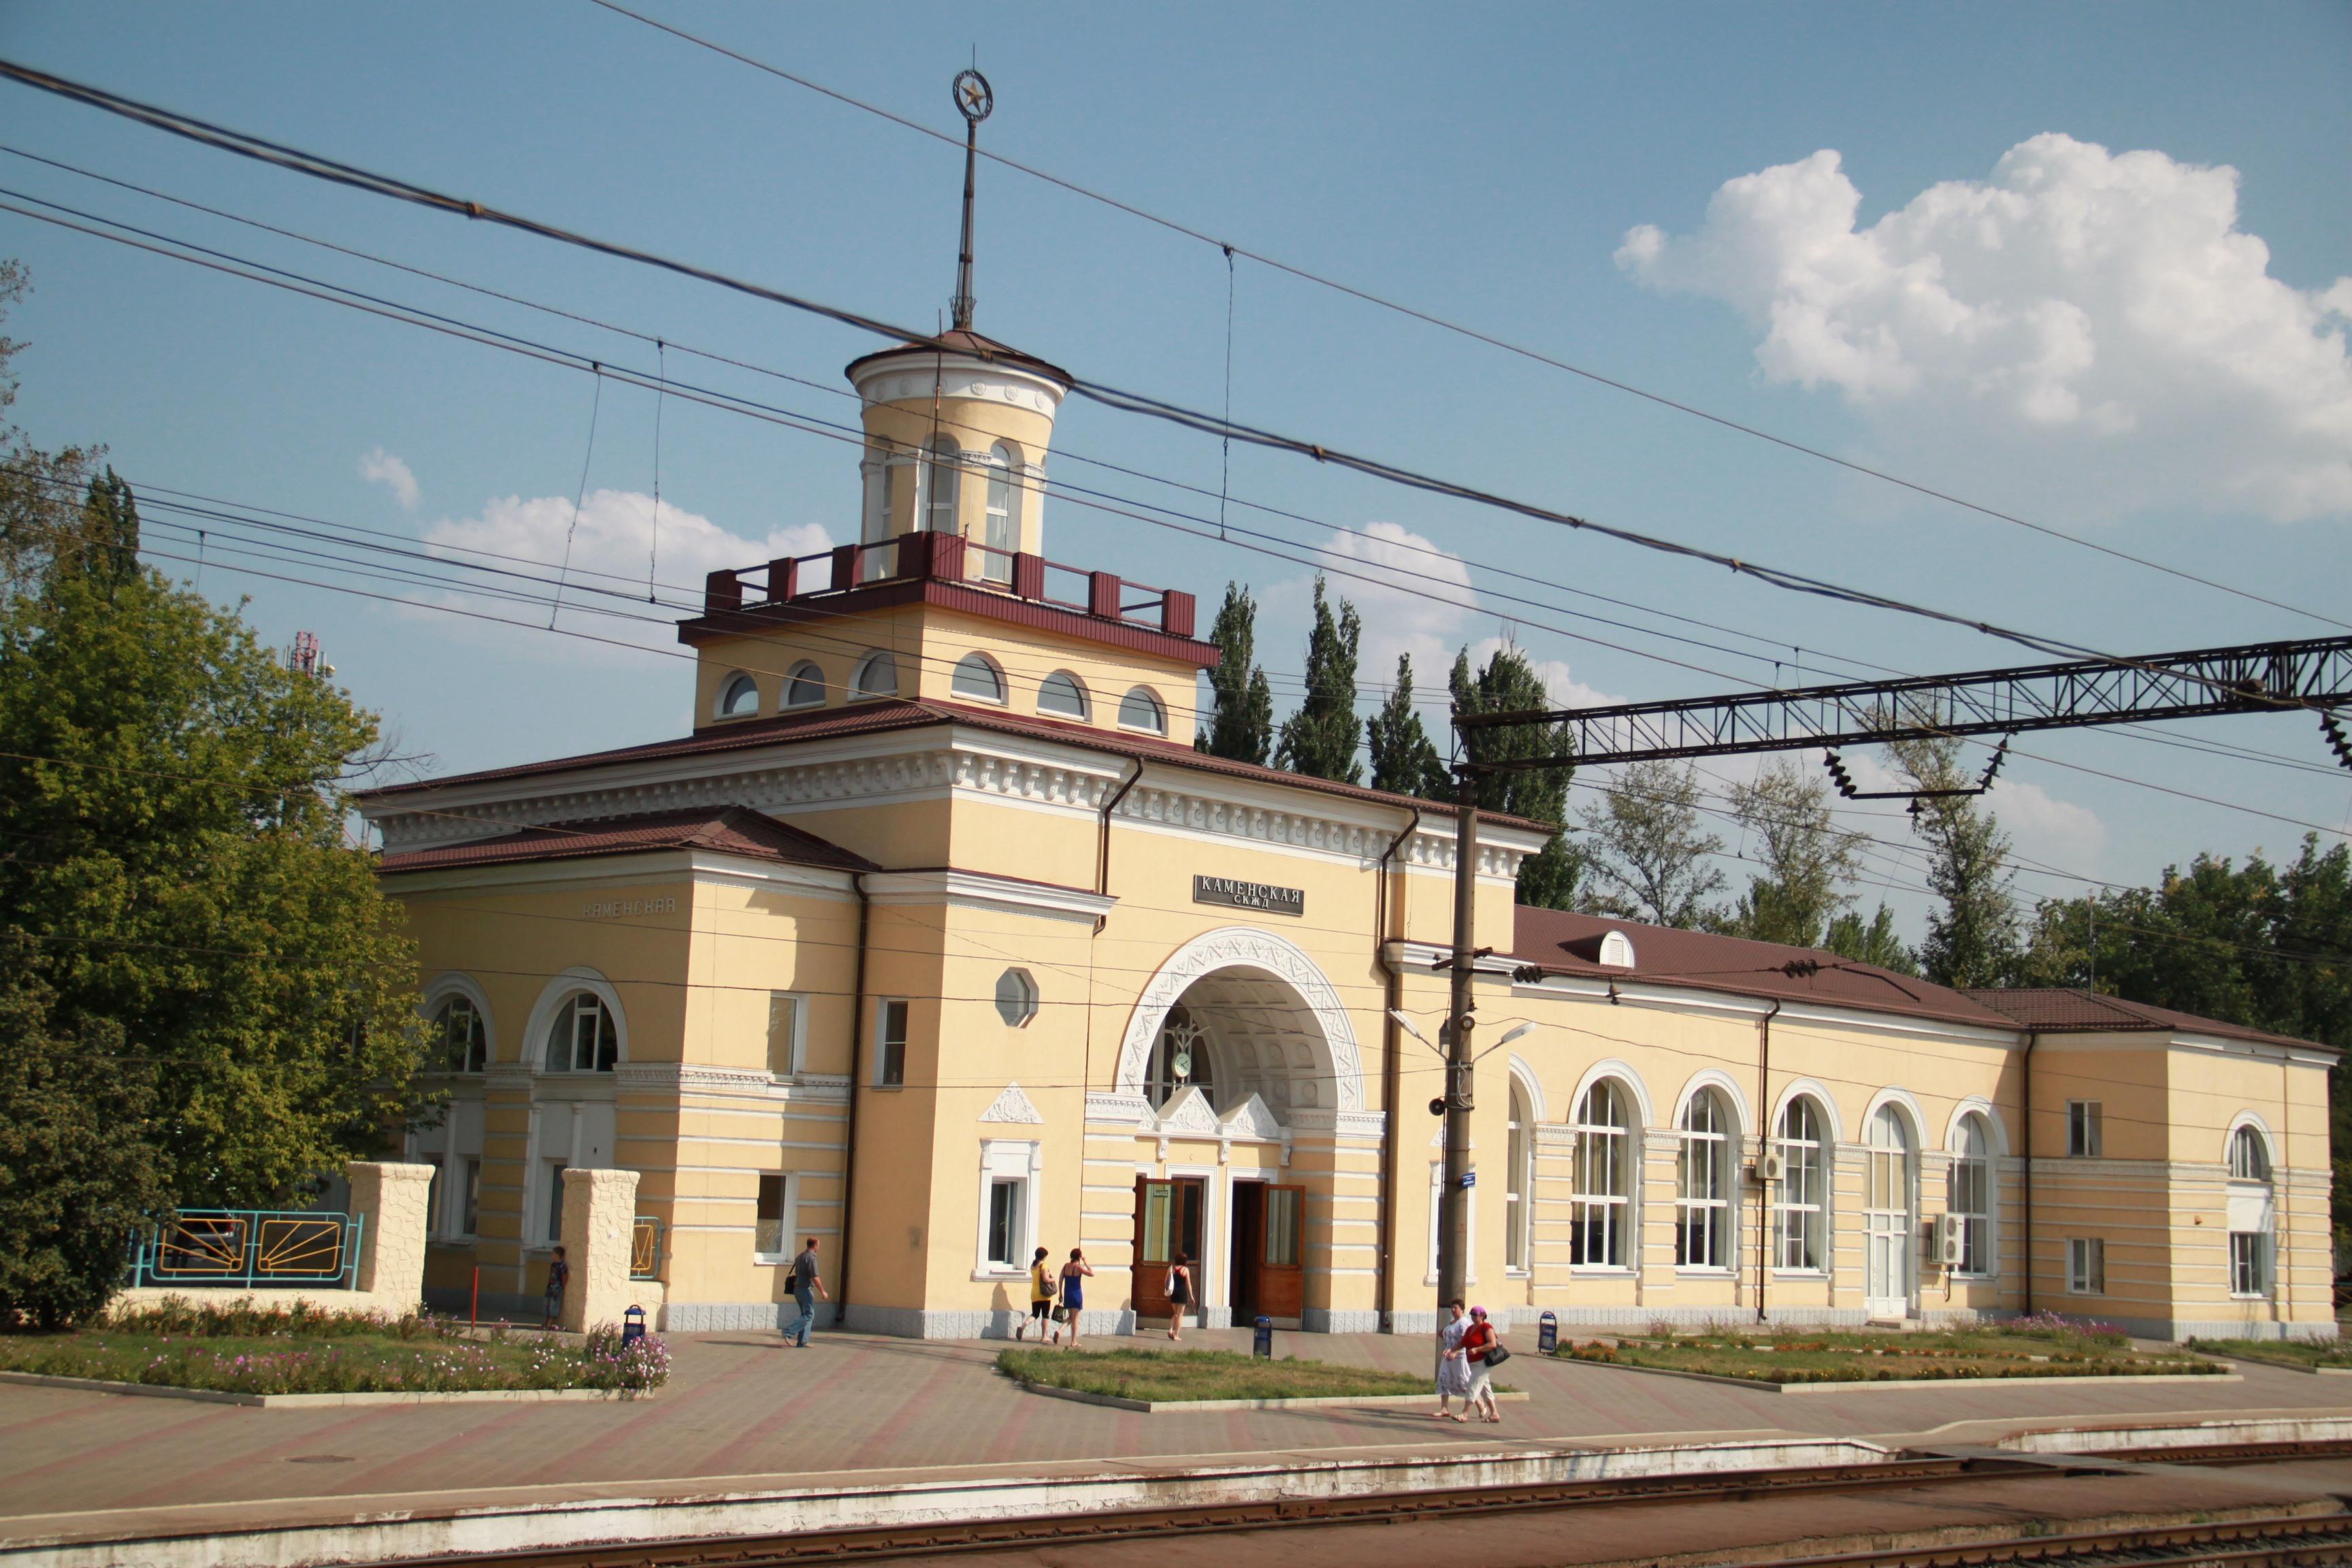 卡緬斯克-沙赫京斯基